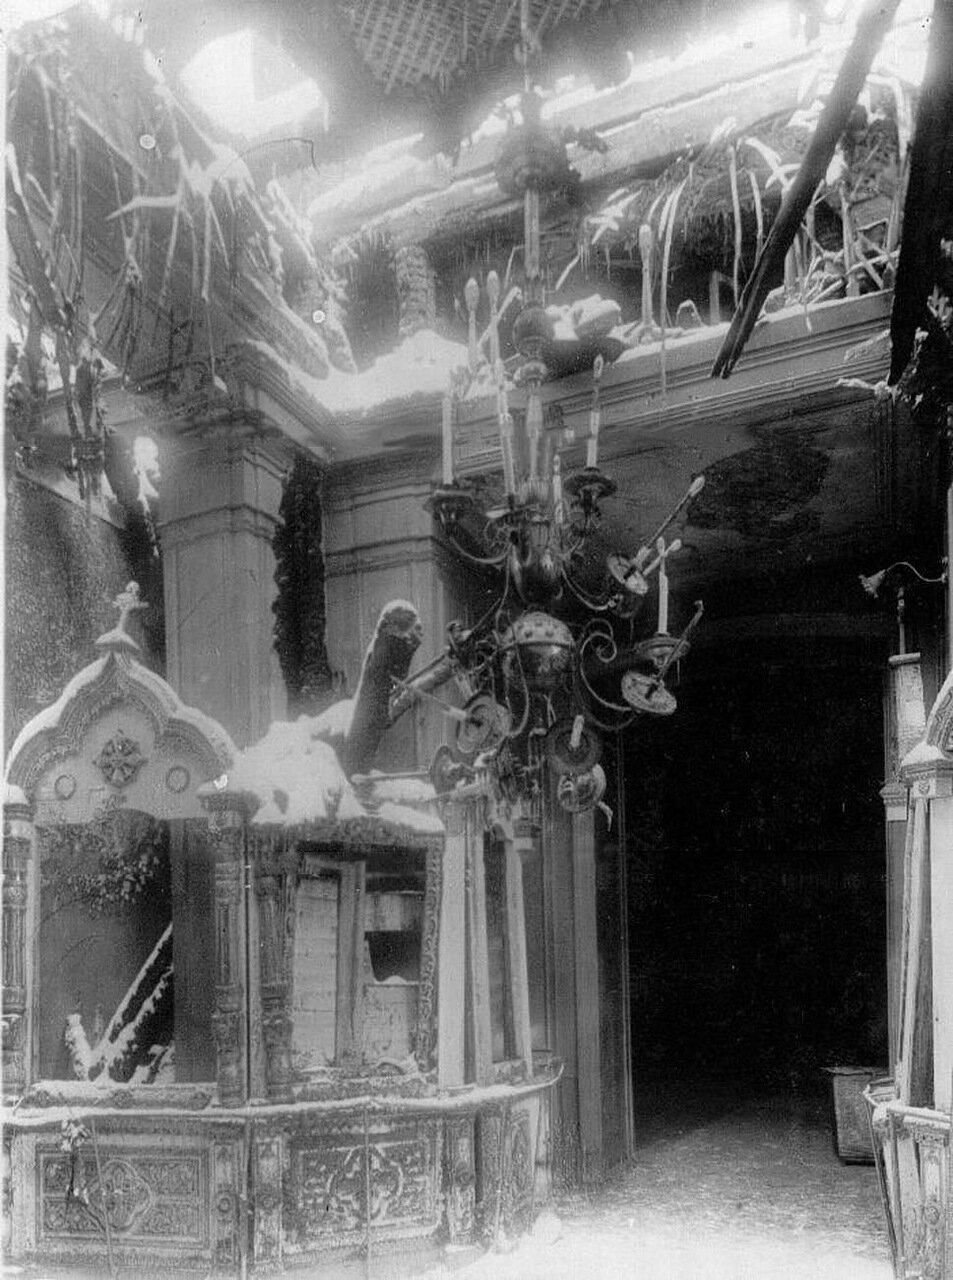 04. Интерьер собора Пресвятой Троицы после пожара. 7 февраля 1913 г